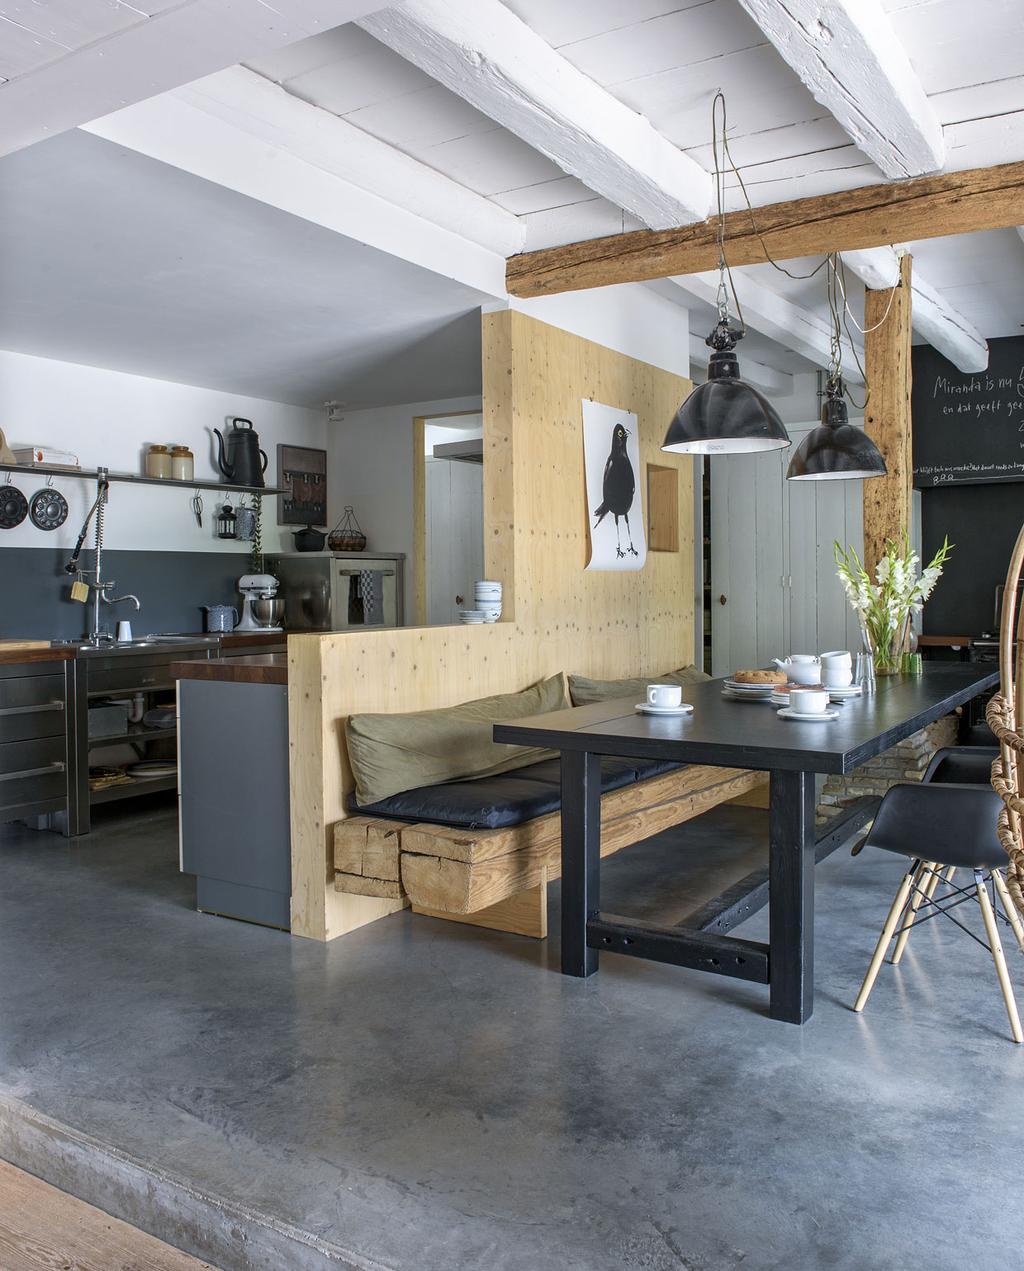 vtwonen 11-2019 | binnenkijker Alblasserwaard boerderij woonkamer grijze vloer leefkeuken